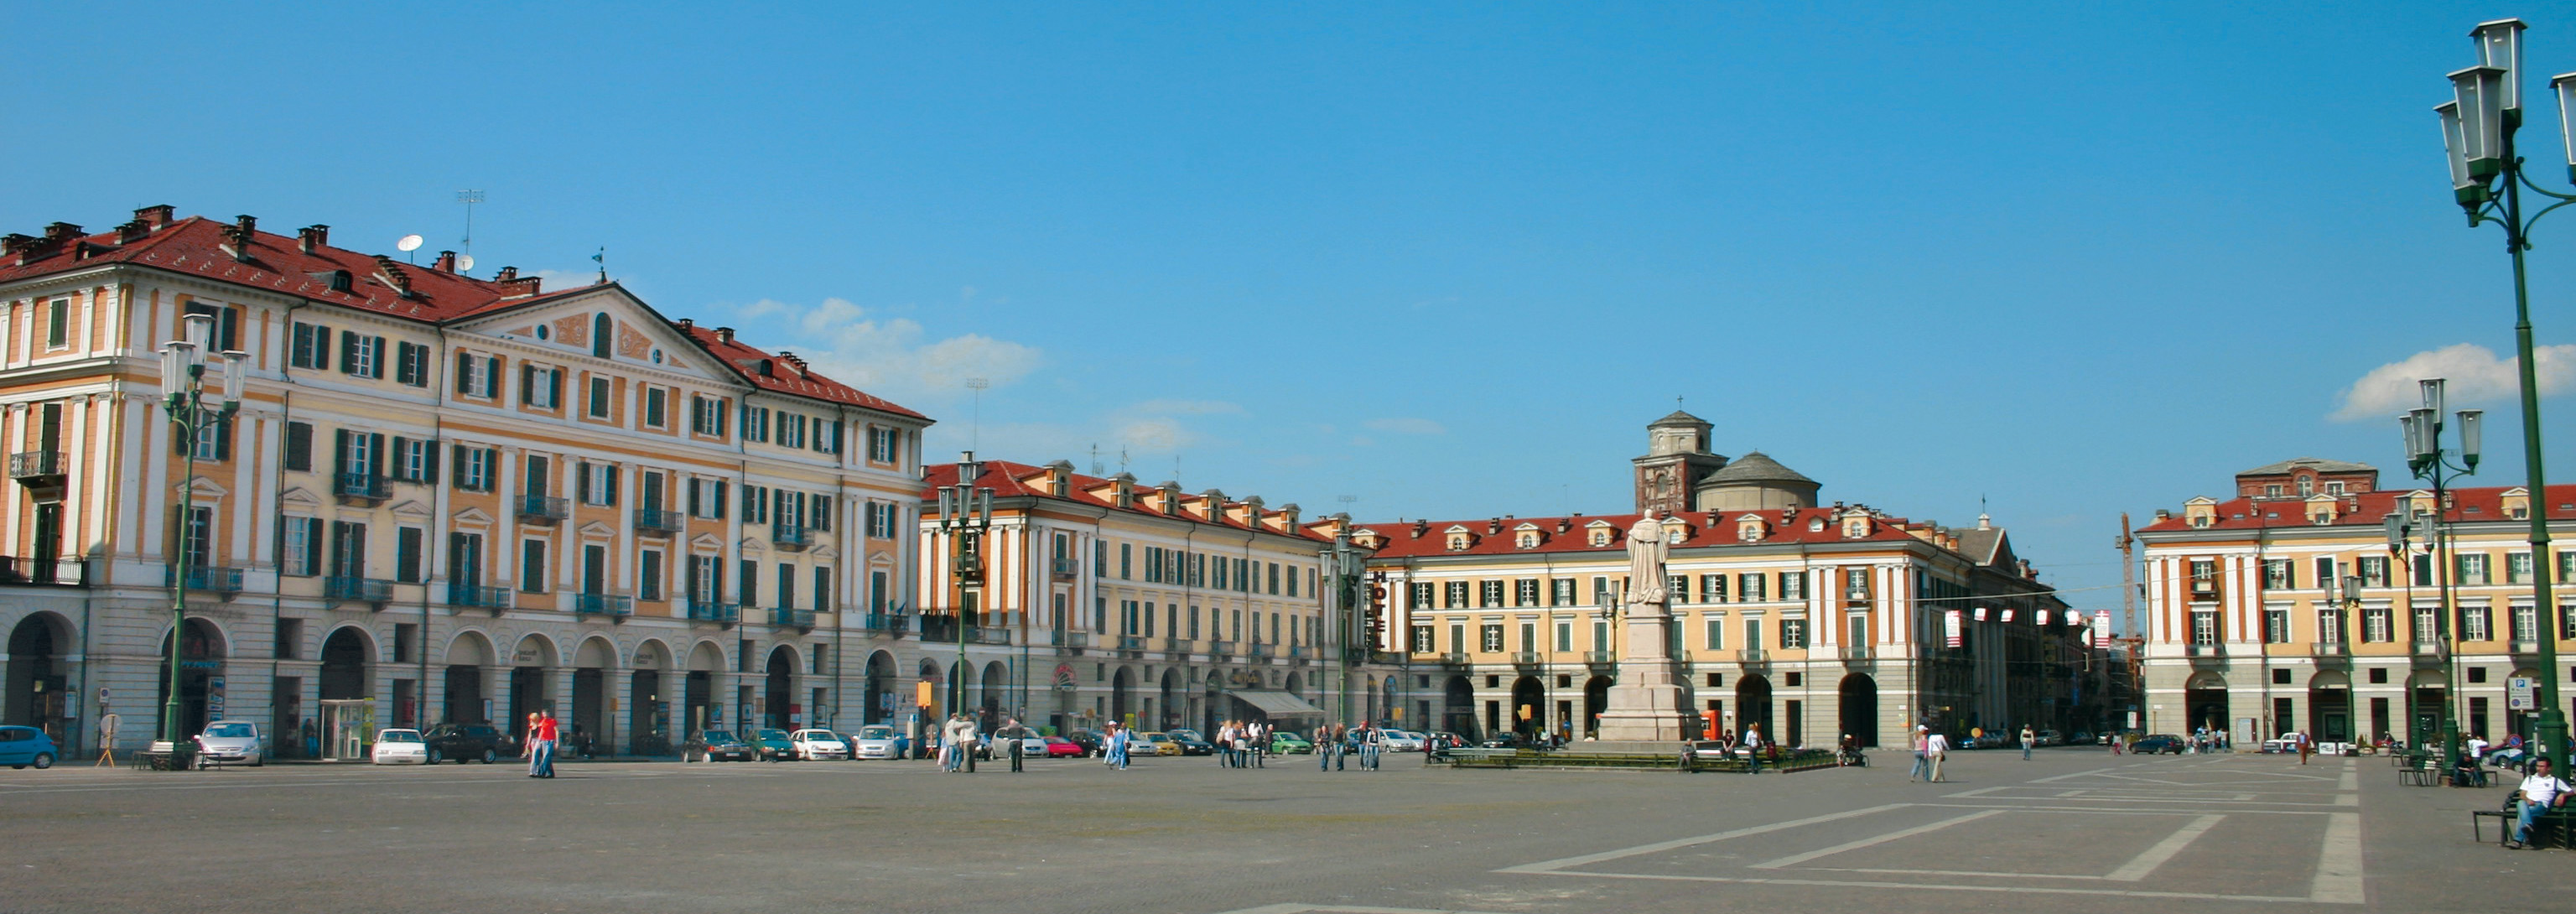 Cuneo_piazza-1